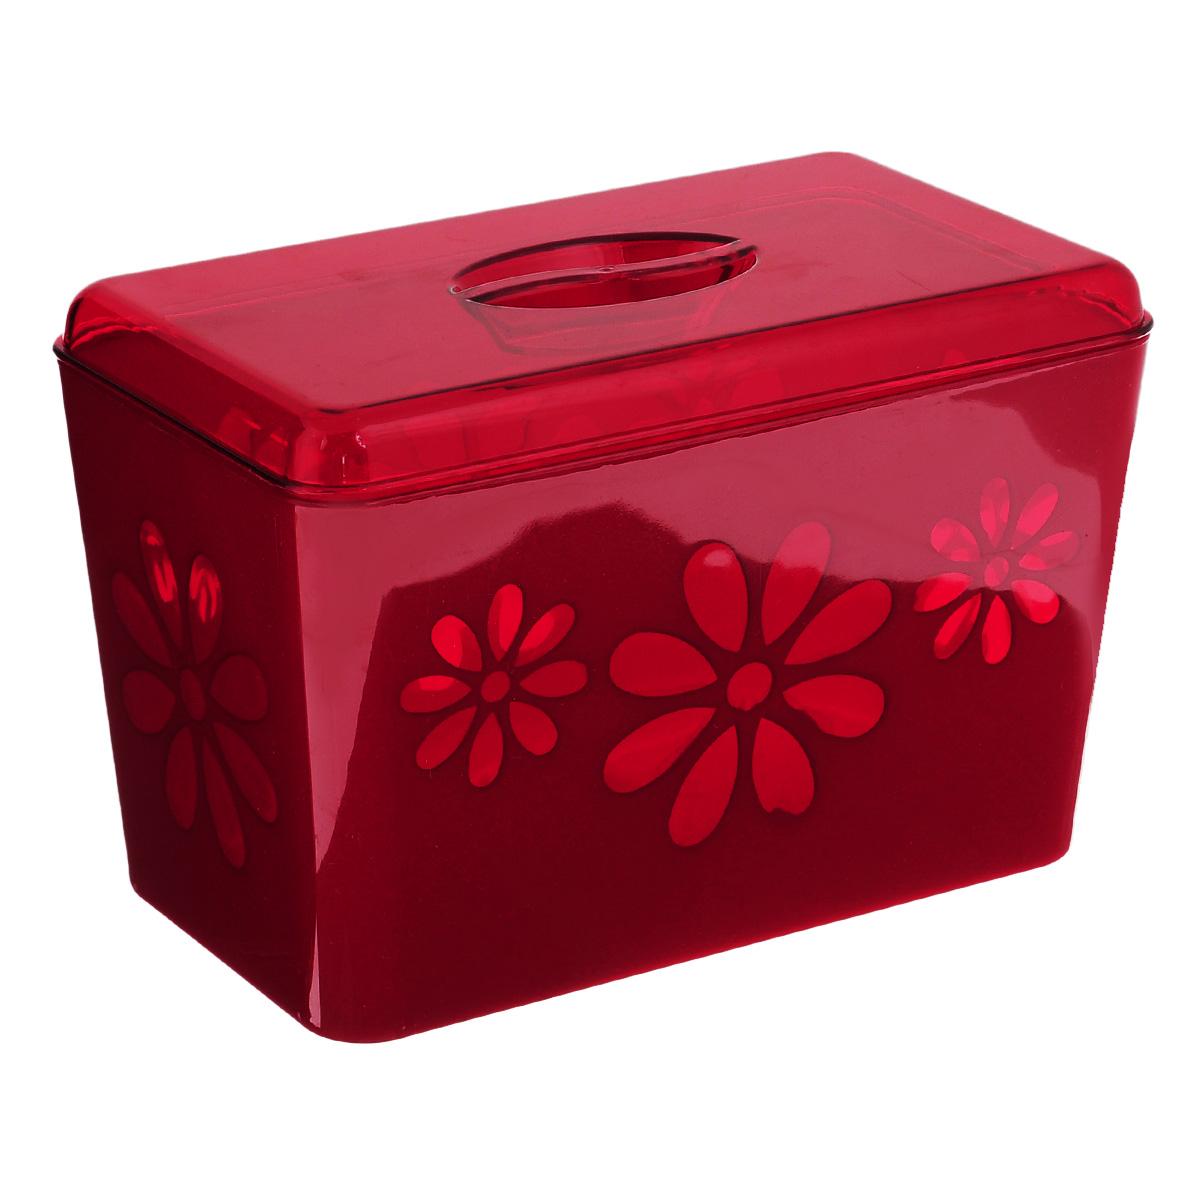 Хлебница Соблазн, цвет: красный, 24 х 14 х 15,5 смM2317Хлебница Соблазн изготовлена из двухцветного пластика и декорирована изображением цветов. Хлебница выполнена в виде чаши с крышкой. Вместительность, функциональность и стильный дизайн позволят хлебнице стать не только незаменимым аксессуаром на кухне, но и предметом украшения интерьера. В ней хлеб всегда останется свежим и вкусным.